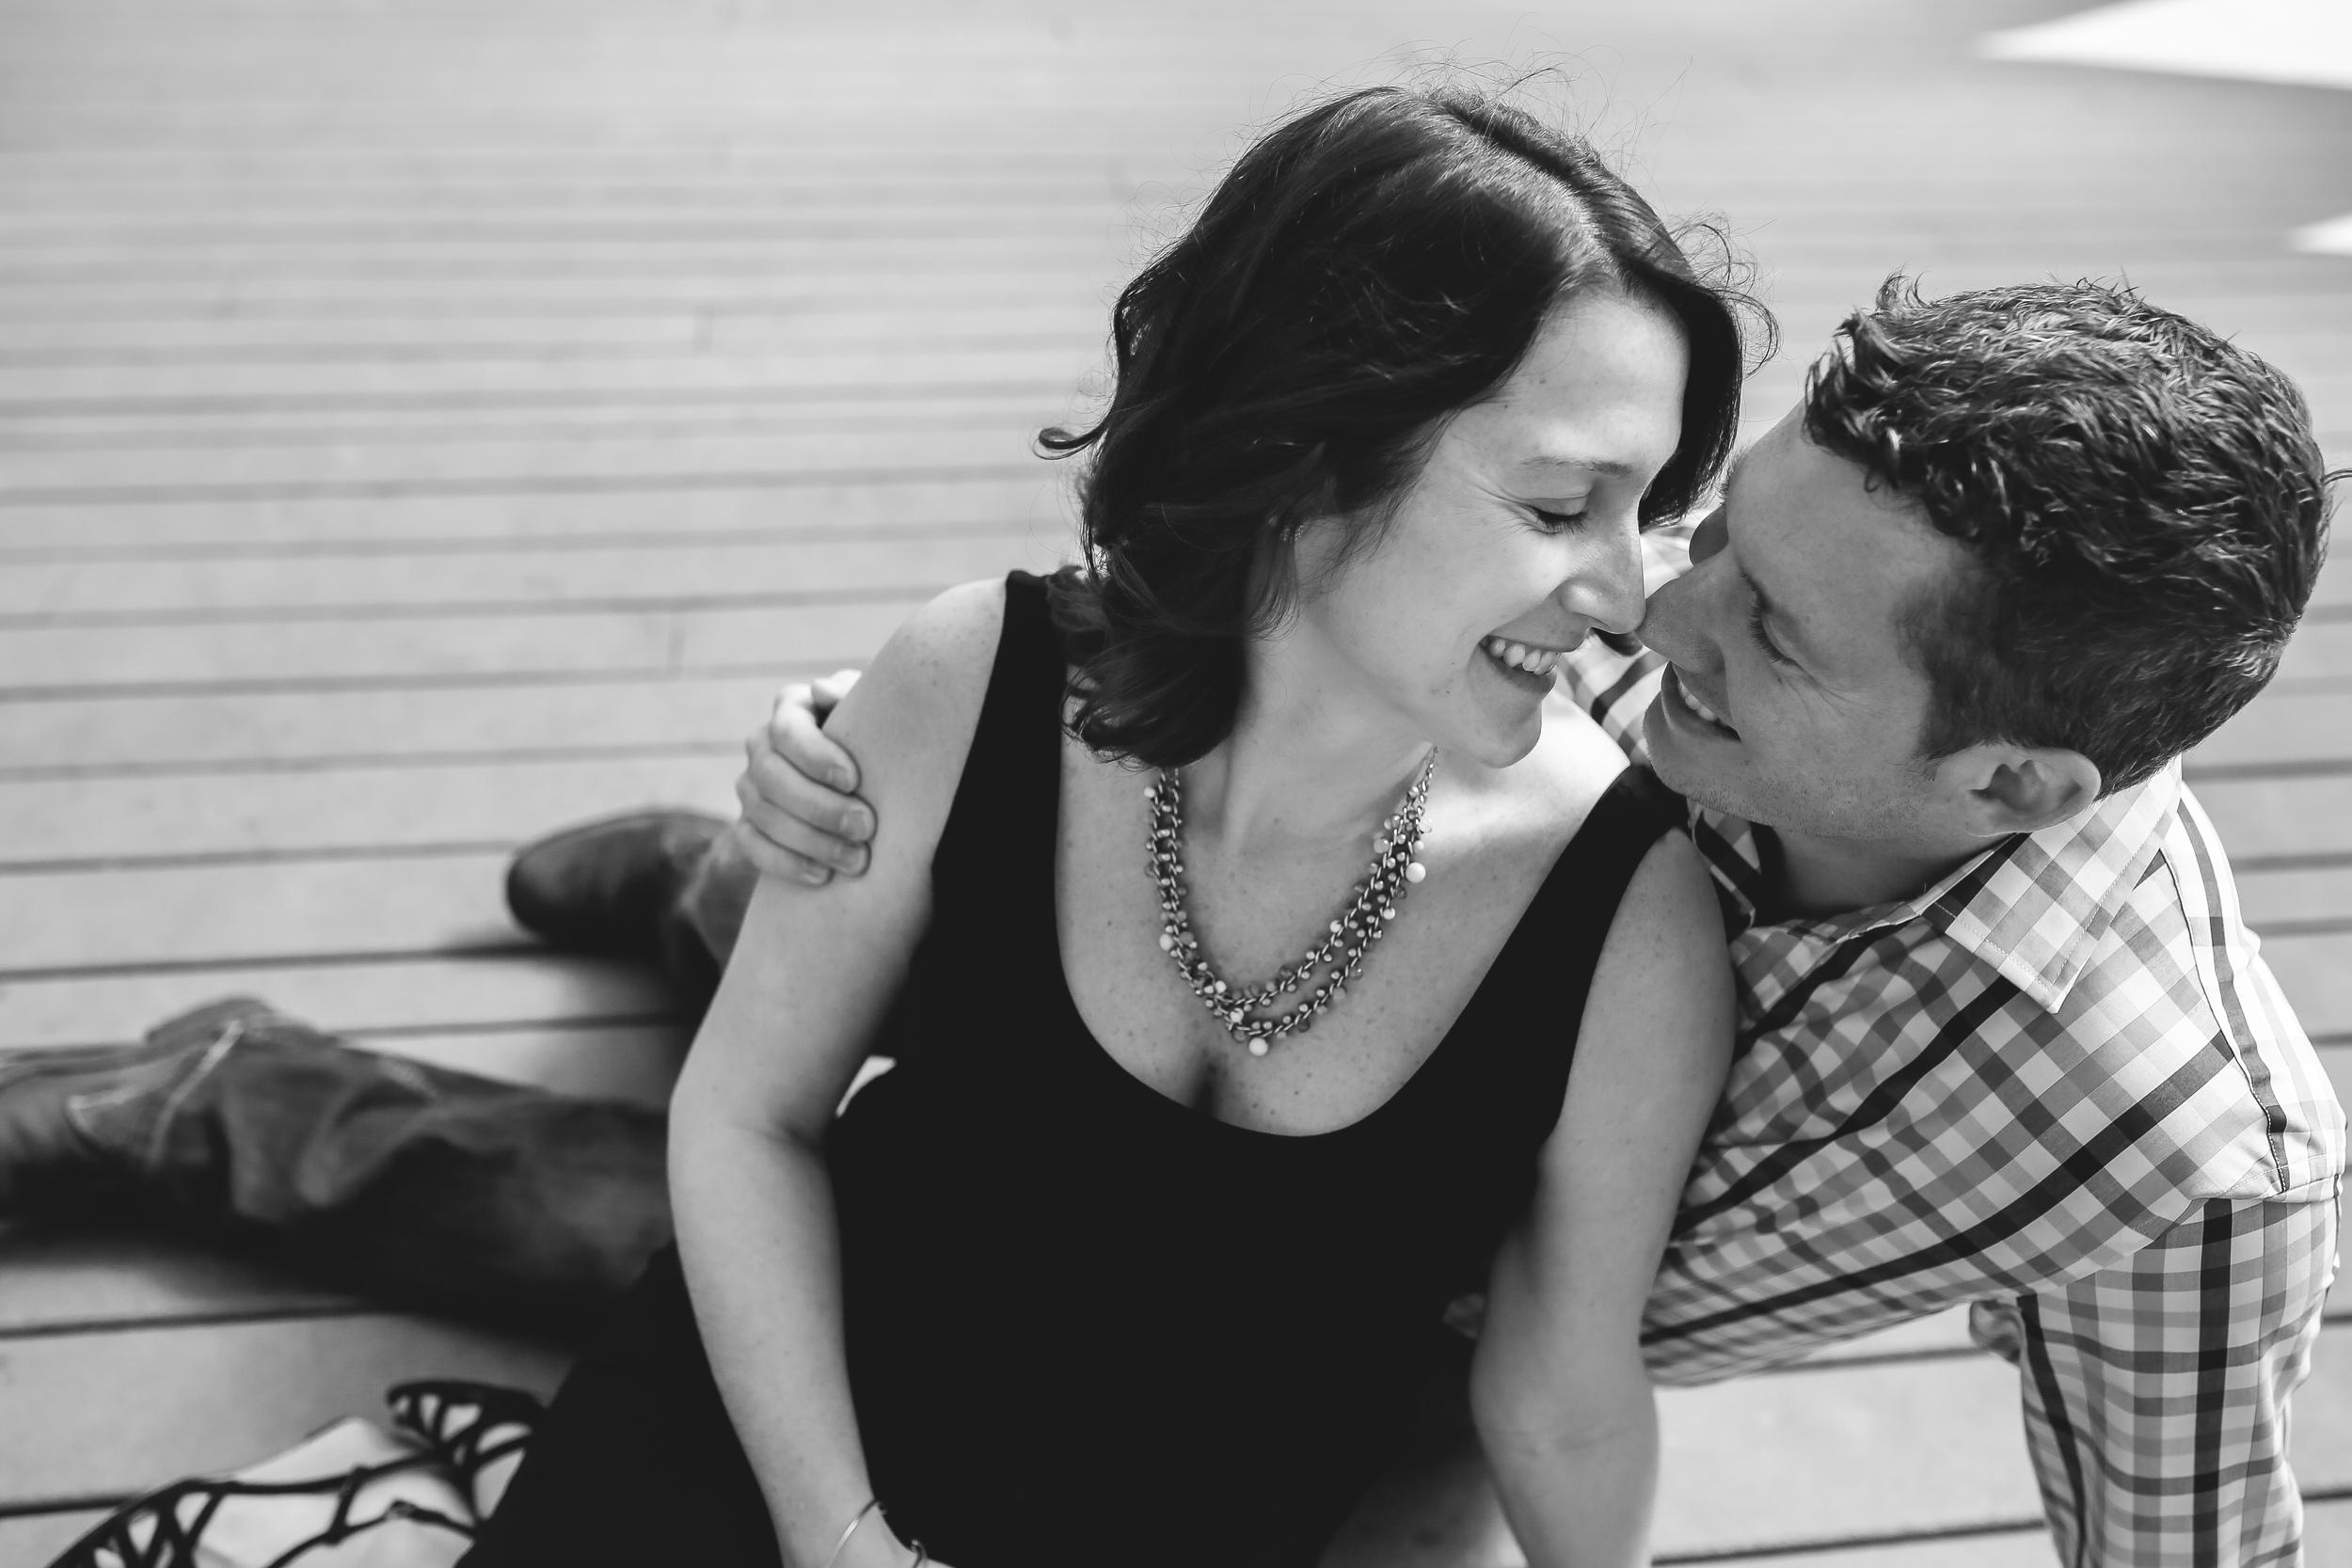 couples eskimo kiss